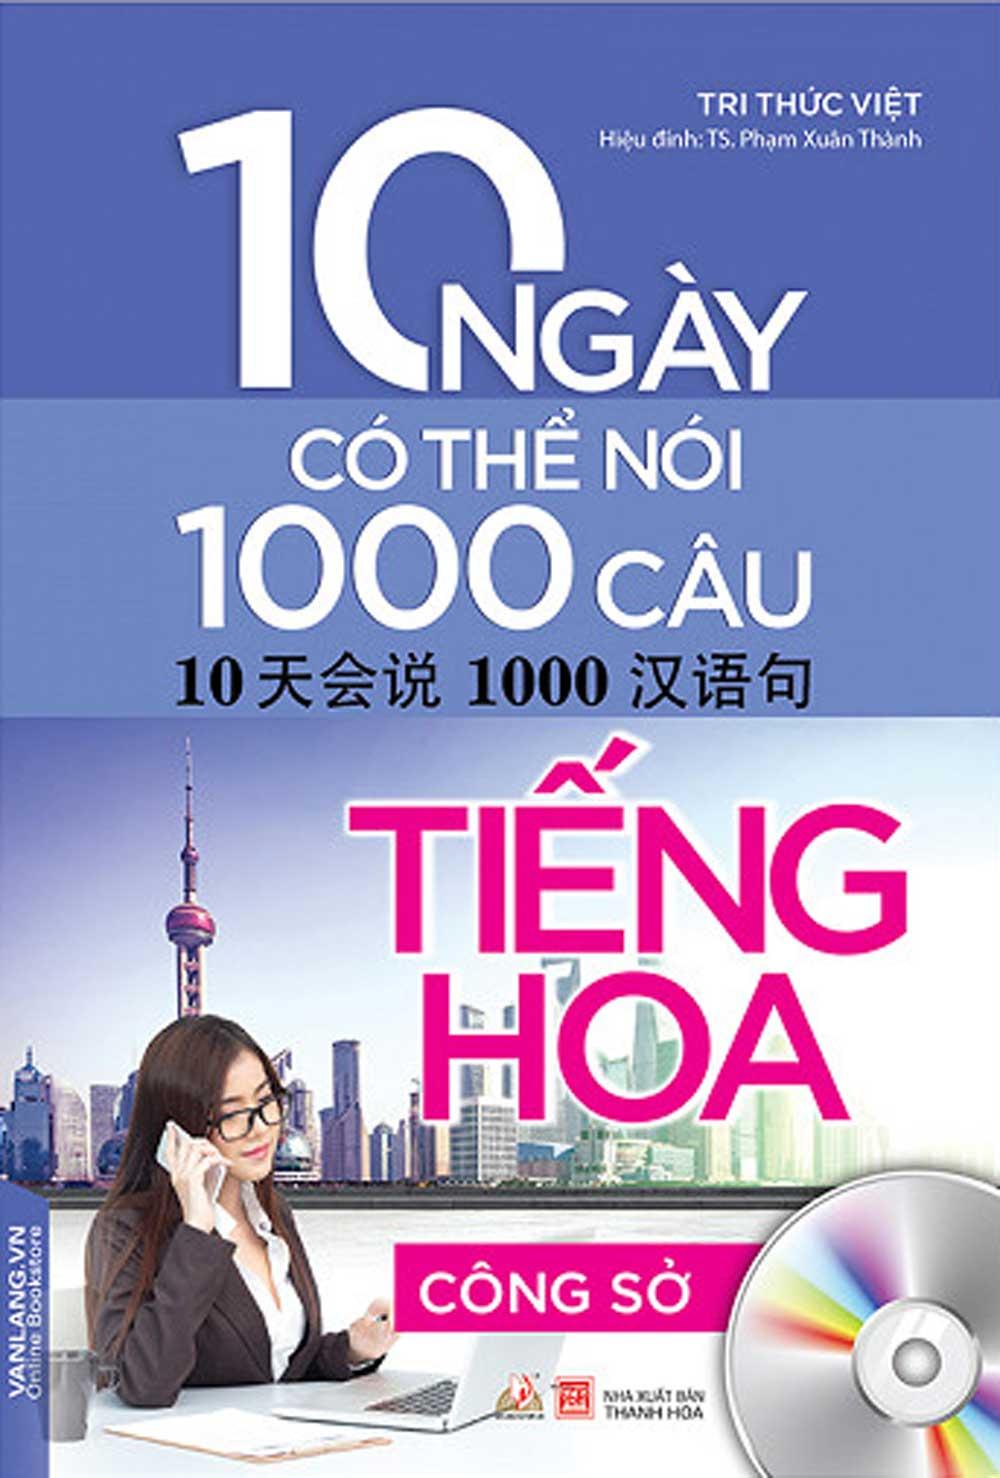 10 Ngày Có Thể Nói 1000 Câu Tiếng Hoa Công Sở (Kèm CD)